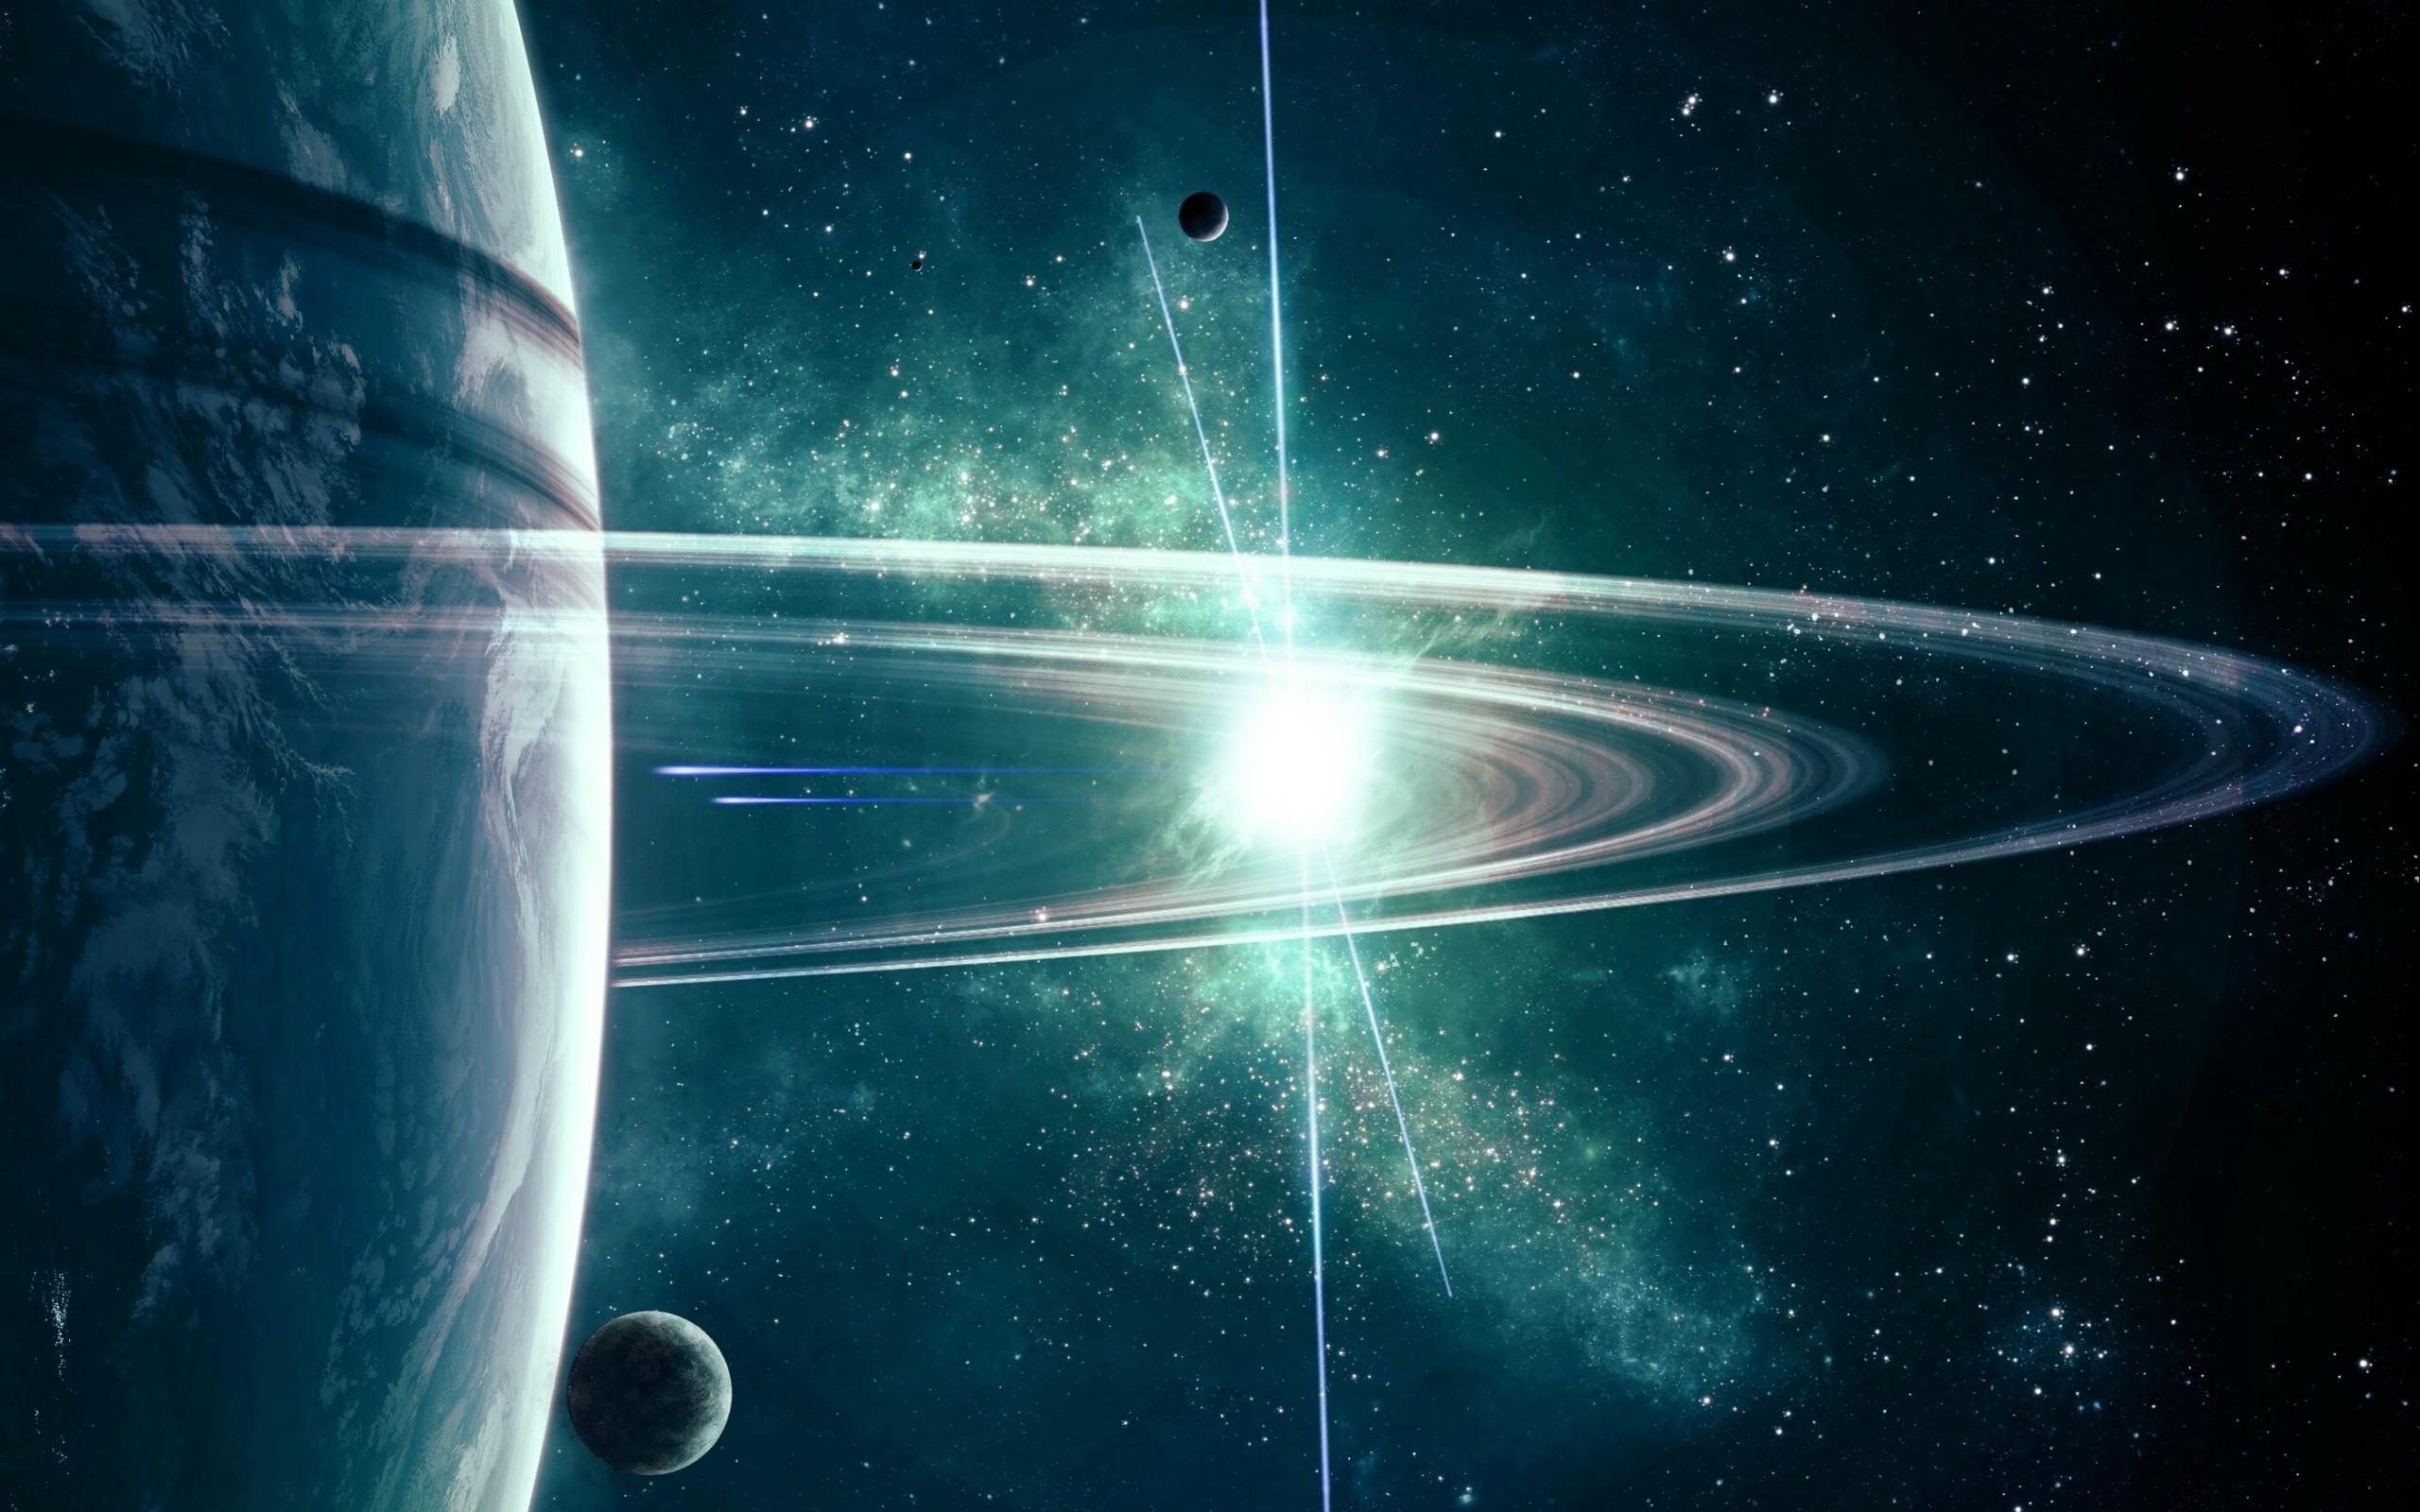 Обои планета космос орбита картинки на рабочий стол на тему Космос - скачать  № 1757049 бесплатно